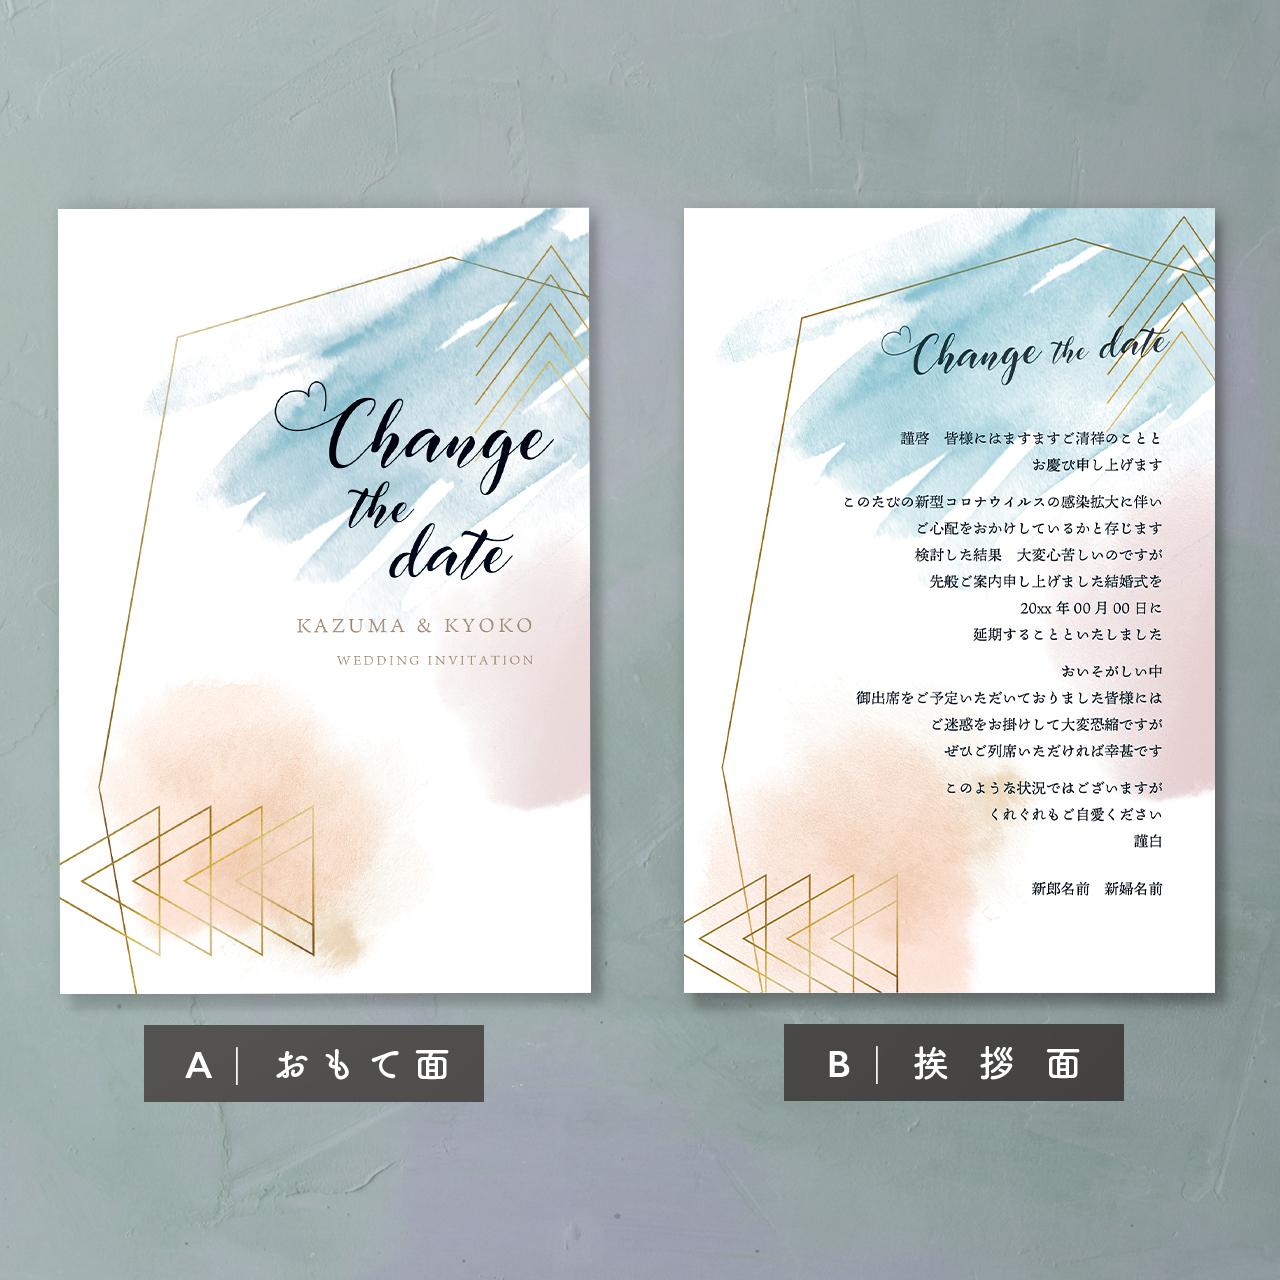 カード(両面印刷)として使う場合 A:おもて面とB:挨拶面の組み合わせ